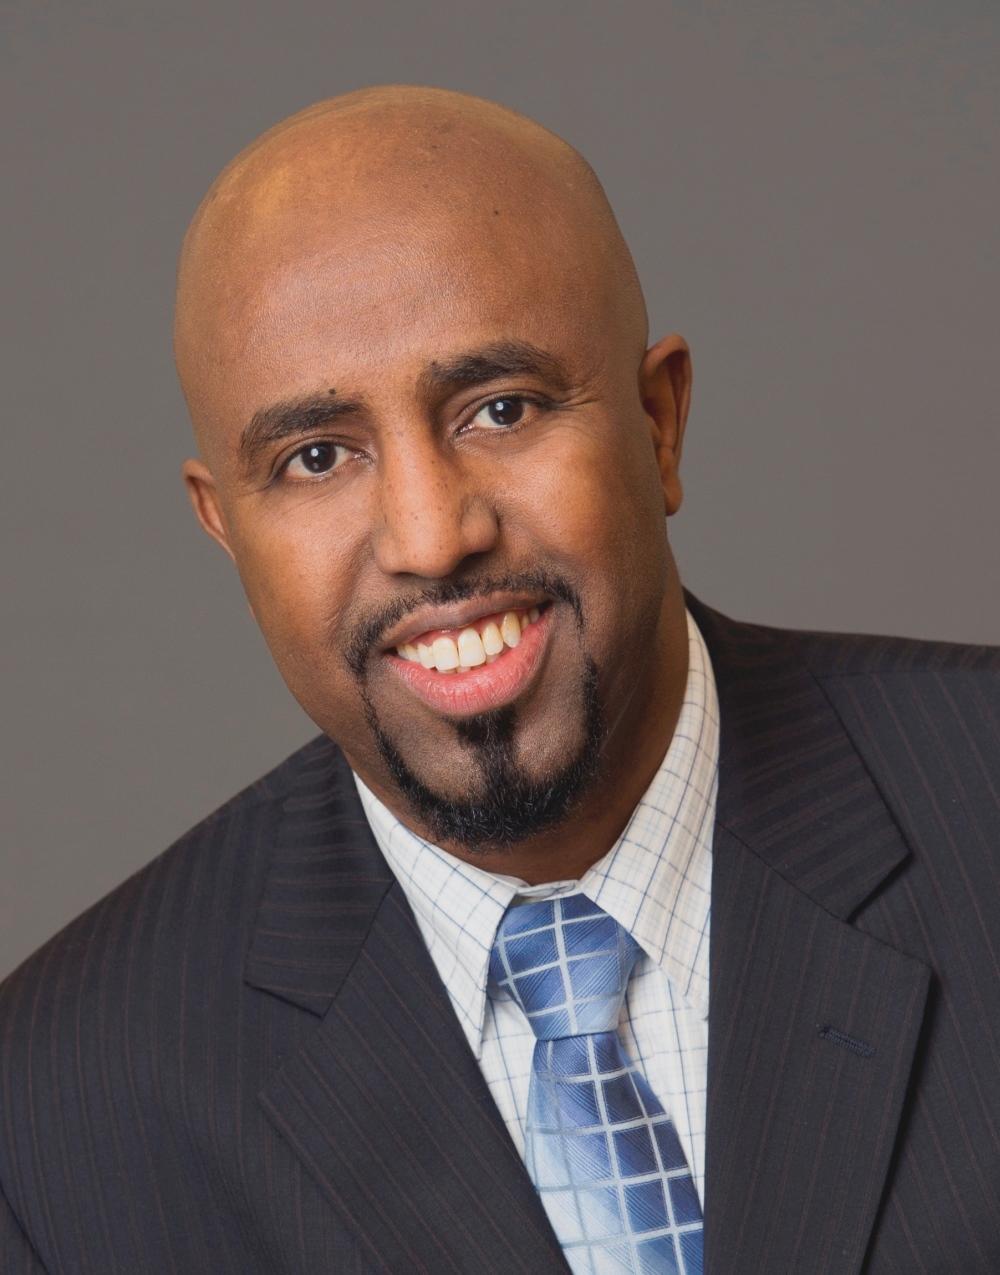 Mohamed Arale